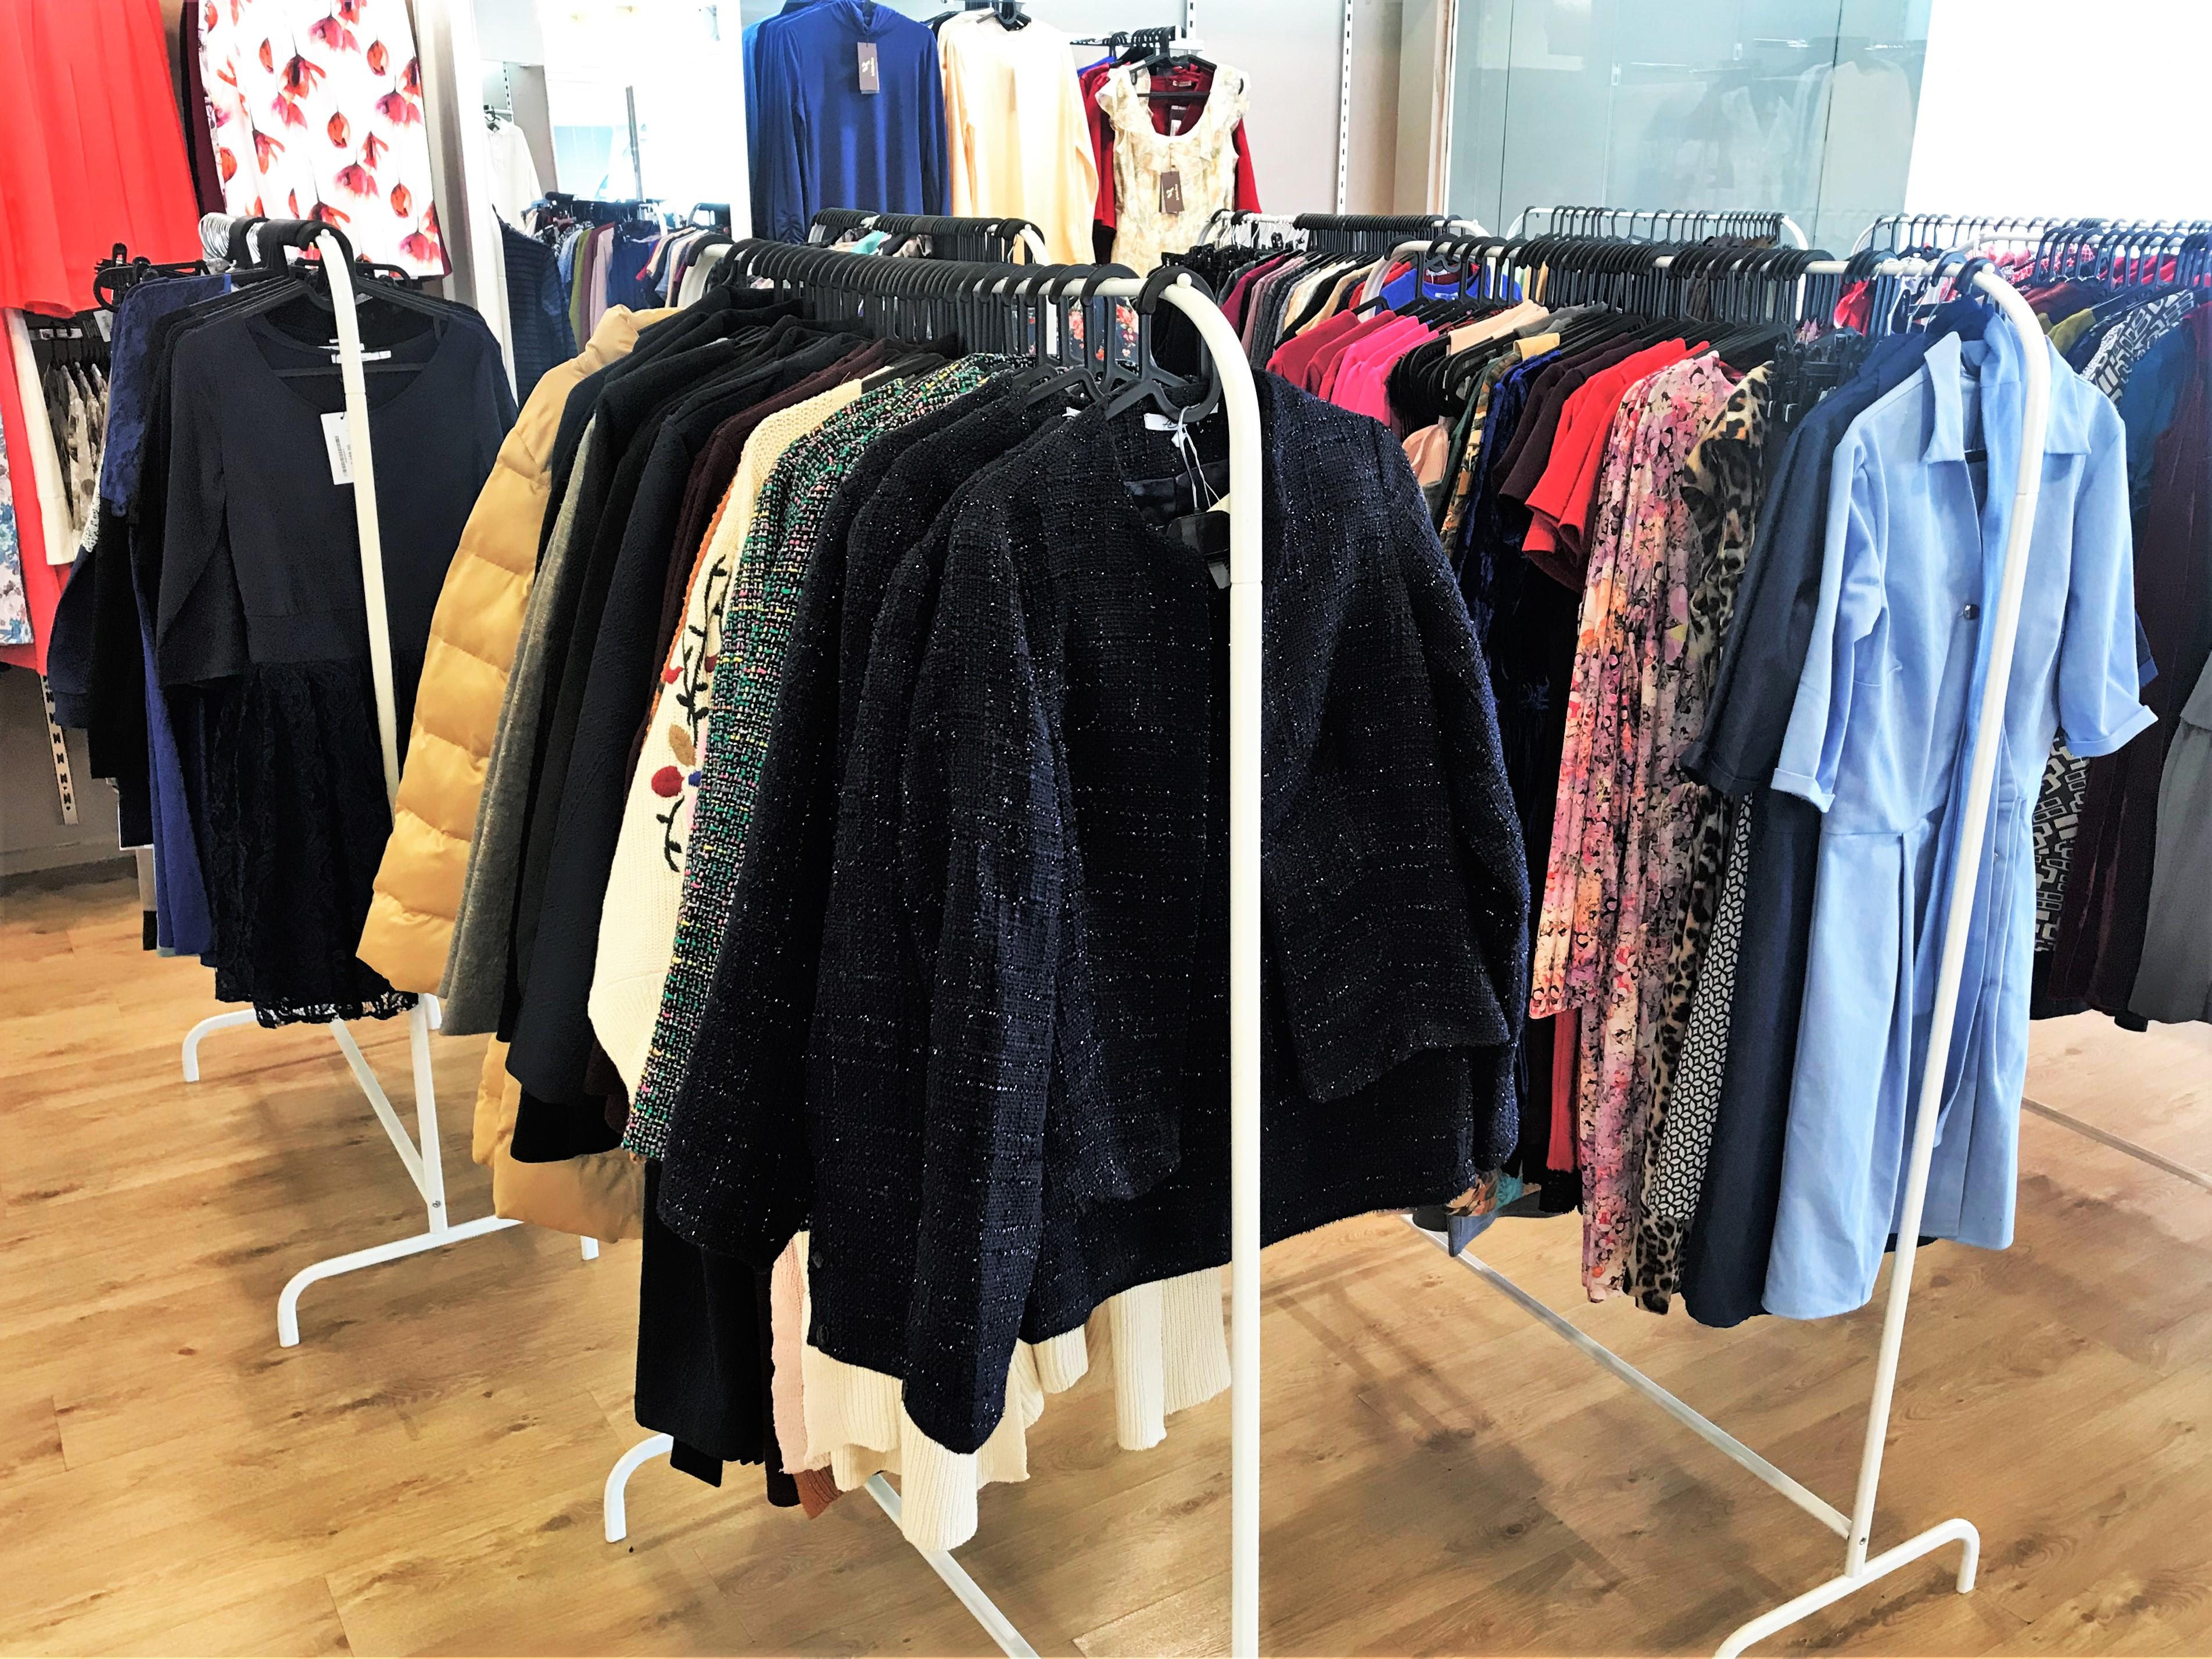 Большой выбор платьев и женской одежды представлен в магазине торговой марки ENNERGIIA, открывшемся в ТЦ Вертикаль.